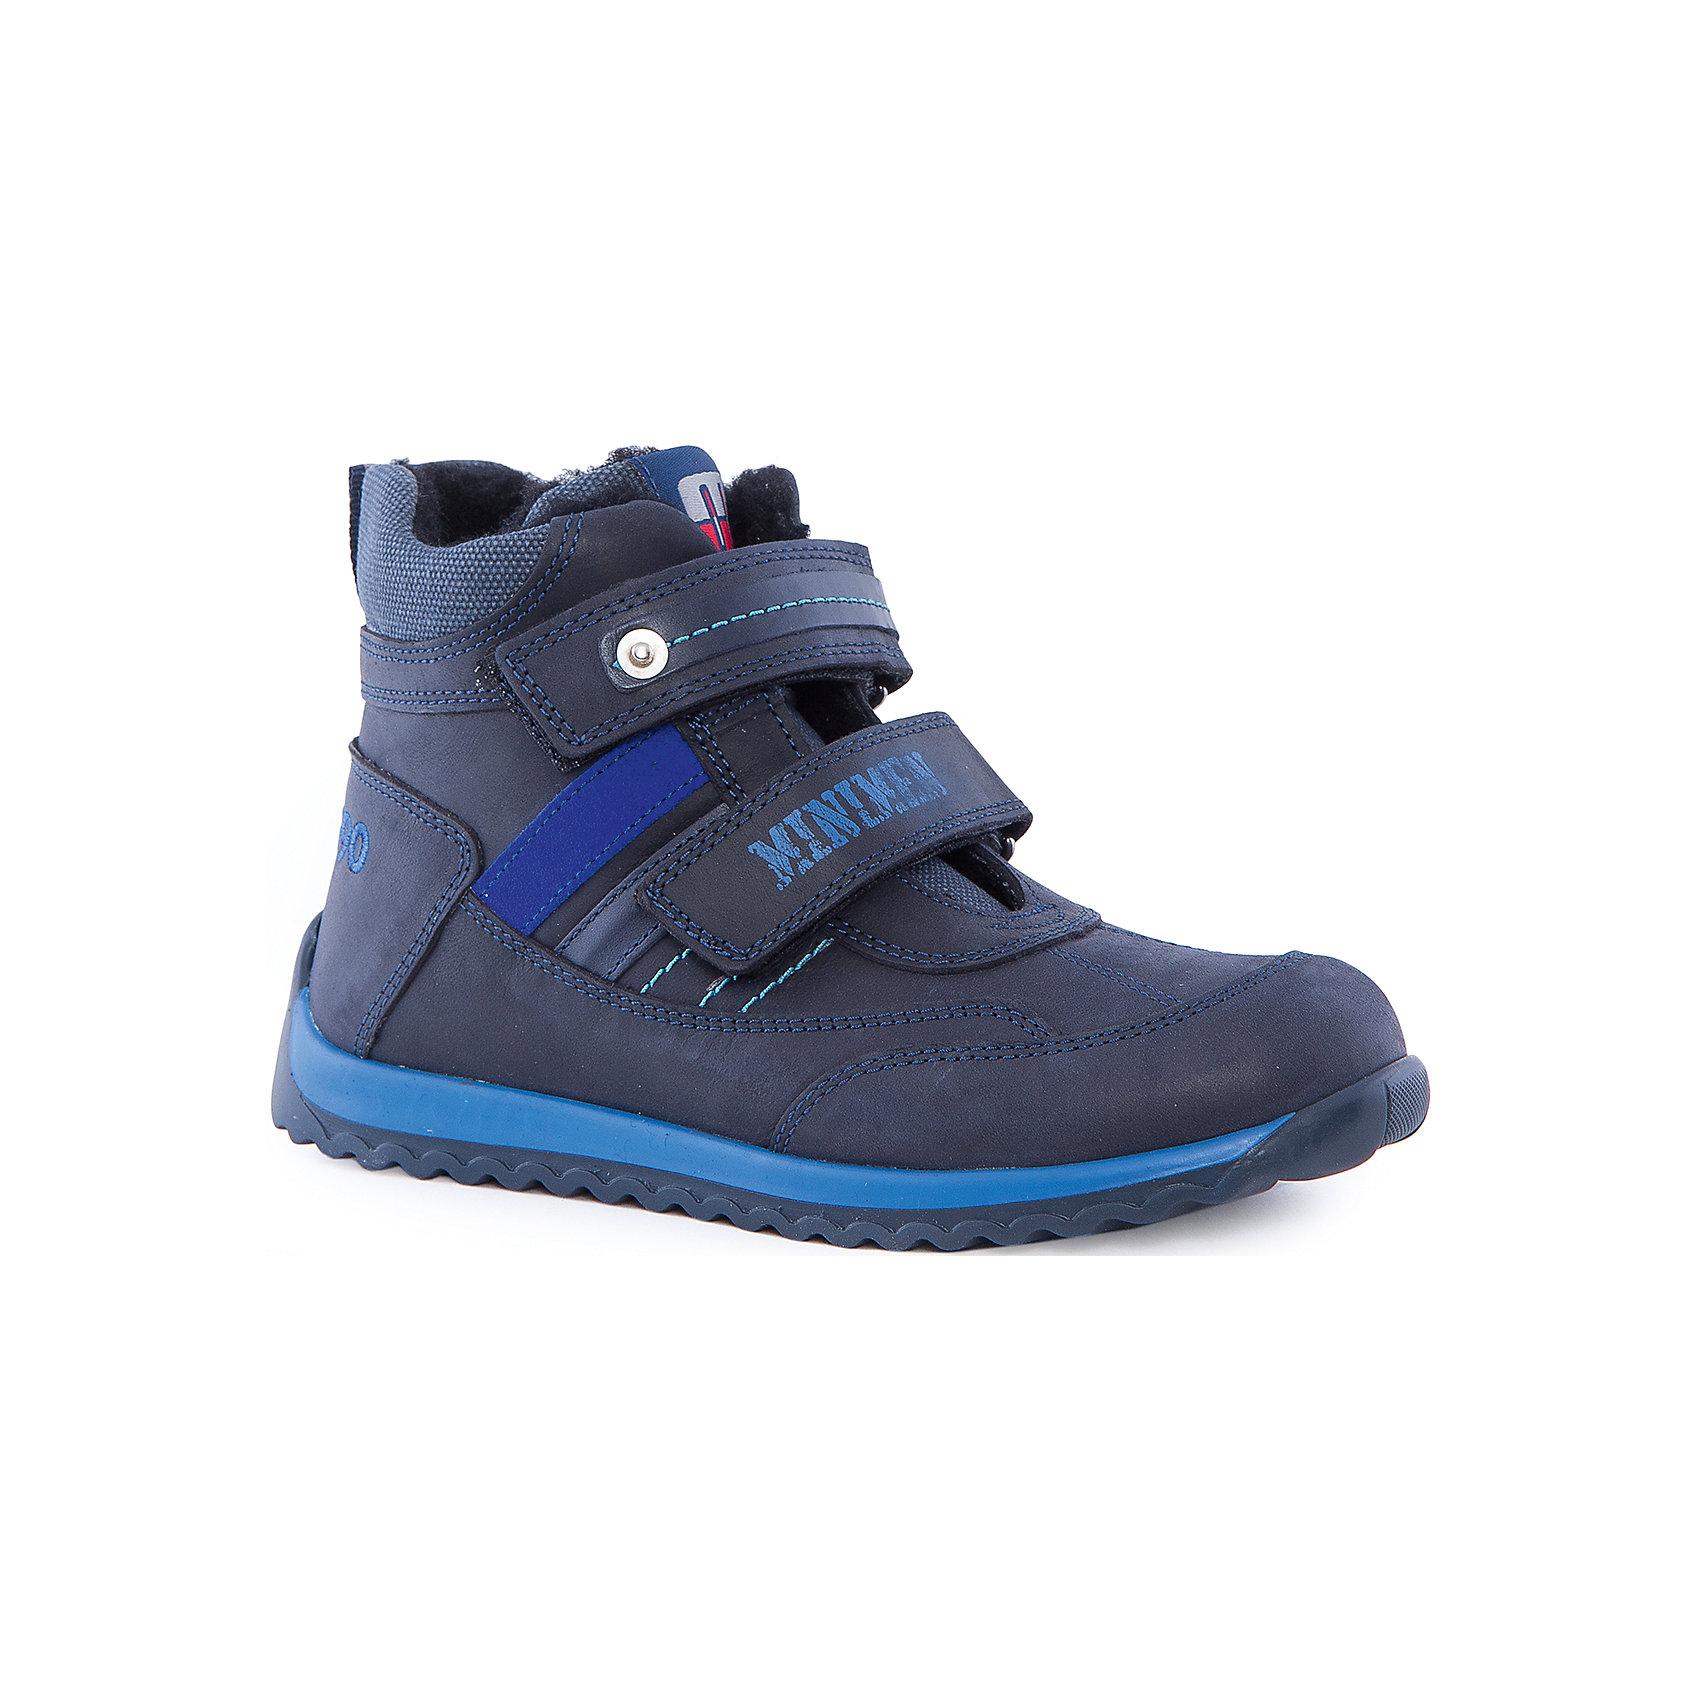 Ботинки для мальчика MinimenУтепленные полуботинки от известного производителя Minimen обеспечат вашему ребенку комфорт и удобство во время прогулок. Ботинки с ортопедической стелькой, рельефной подошвой и стильным дизайном по достоинству оценят любители качественной обуви.<br><br>Дополнительная информация:<br>Стелька: супинатор<br>Цвет: синий<br>Сезон: осень-зима<br>Материал: 100% кожа. Подкладка: 100% шерсть<br><br>Полуботинки Minimen вы можете приобрести в нашем интернет-магазине.<br><br>Ширина мм: 262<br>Глубина мм: 176<br>Высота мм: 97<br>Вес г: 427<br>Цвет: синий<br>Возраст от месяцев: 132<br>Возраст до месяцев: 144<br>Пол: Мужской<br>Возраст: Детский<br>Размер: 35,36,34,33,32,31<br>SKU: 4969932